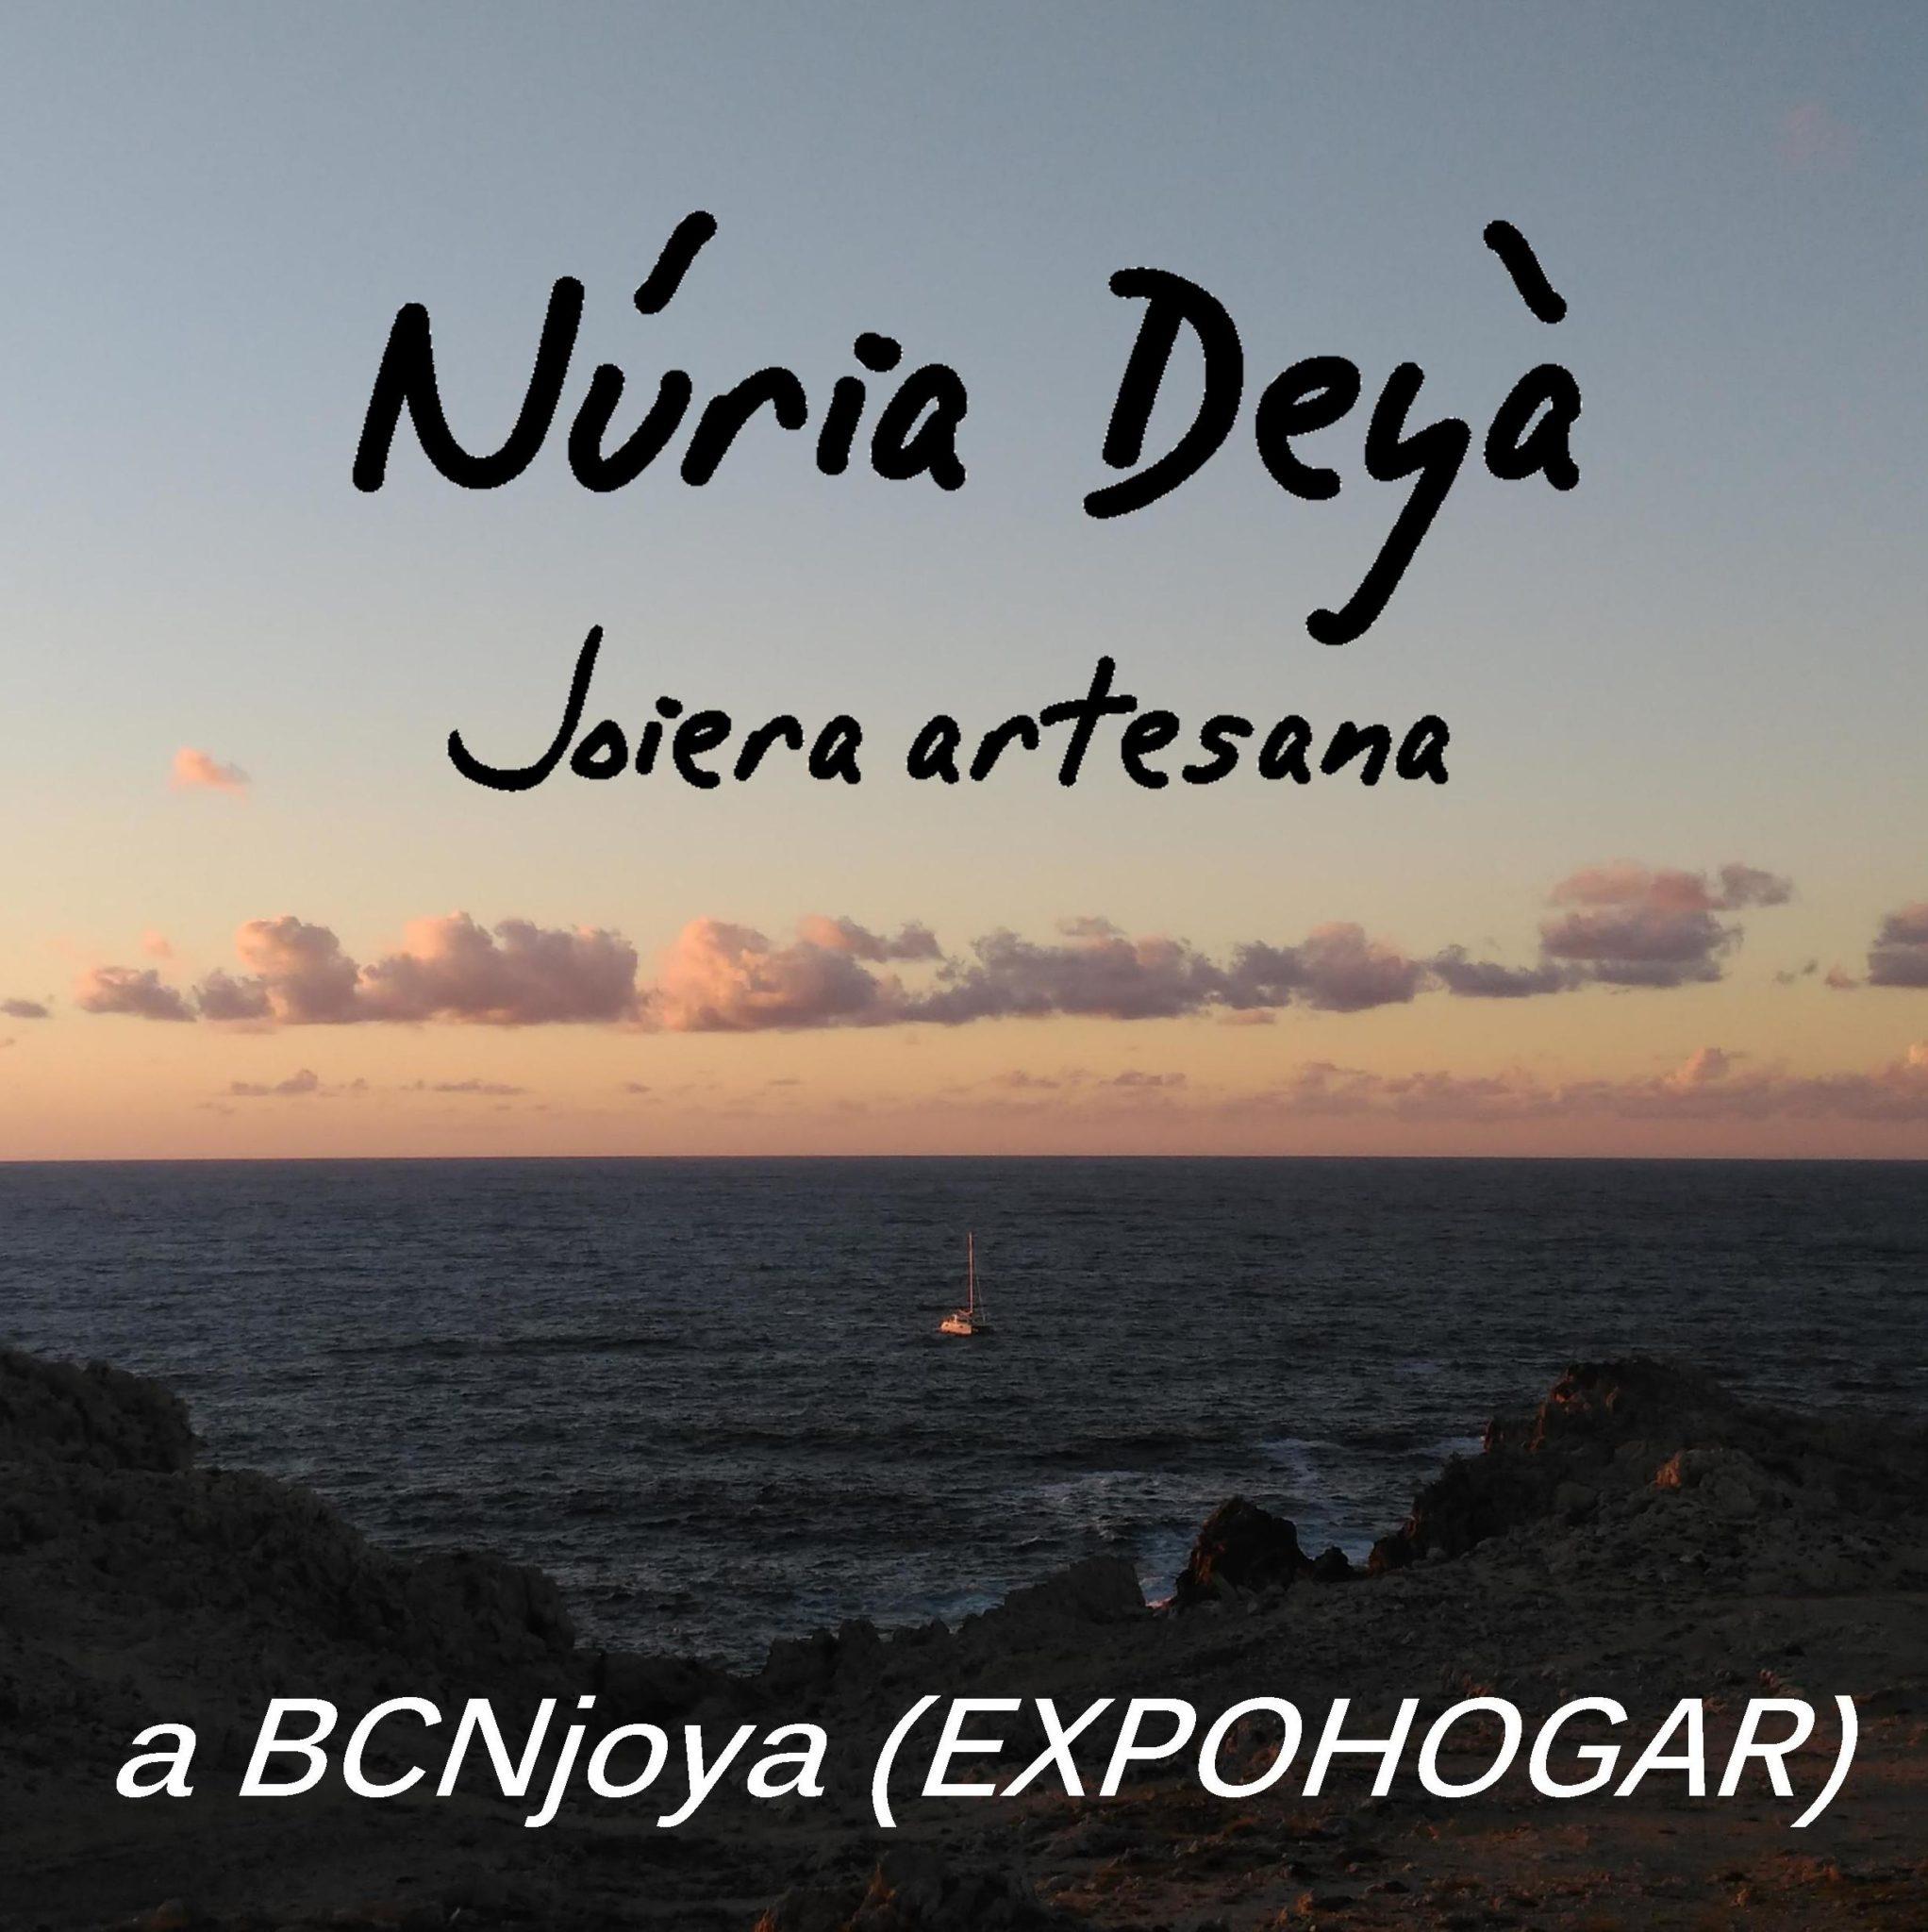 BCNjoya (Expohogar) 2017